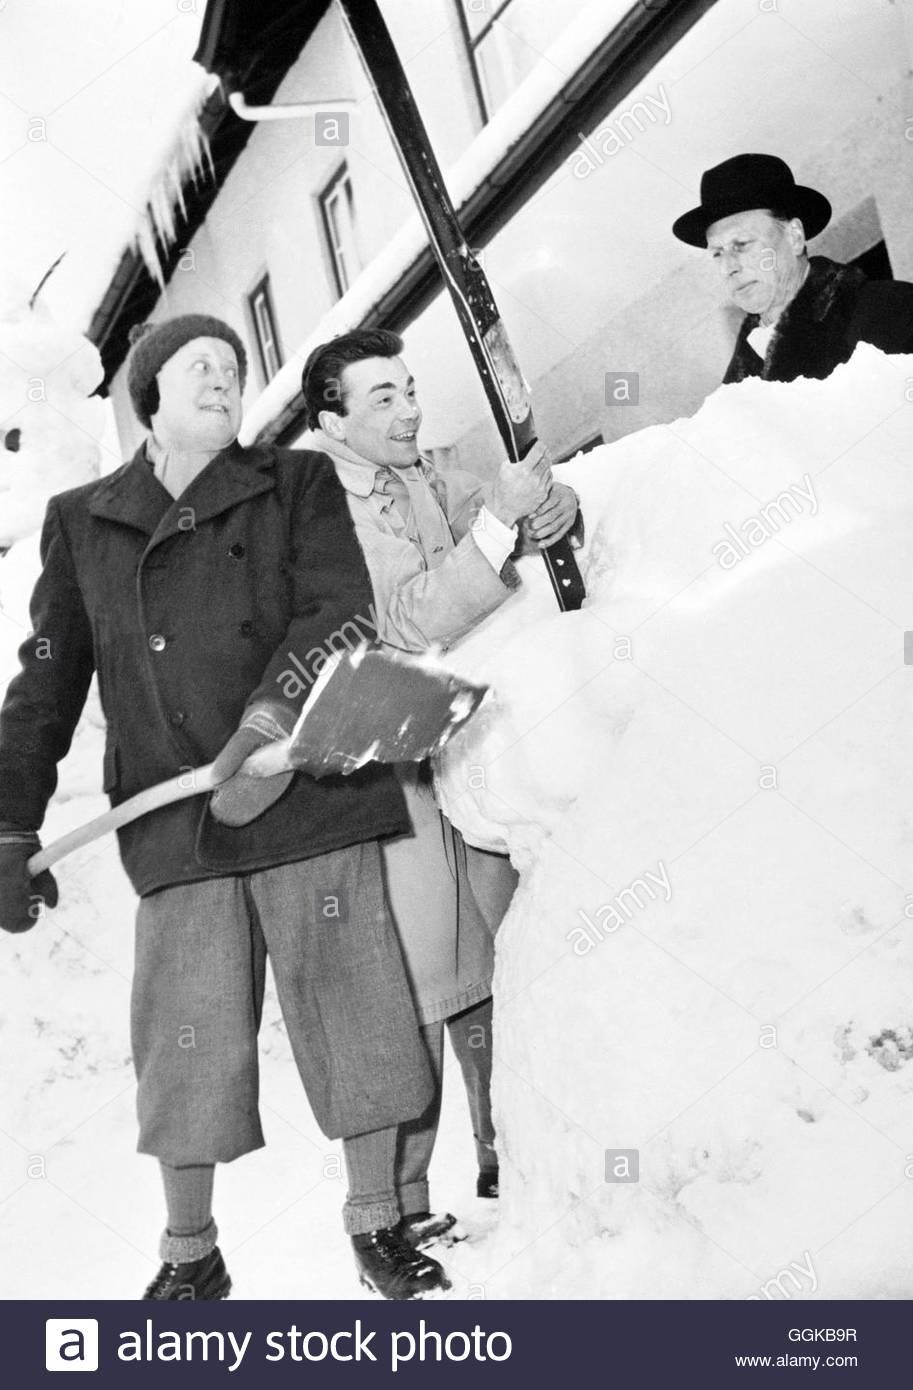 Drei Männer Im Schnee Drei Männer Im Schnee Aut 1955 Kurt Stock